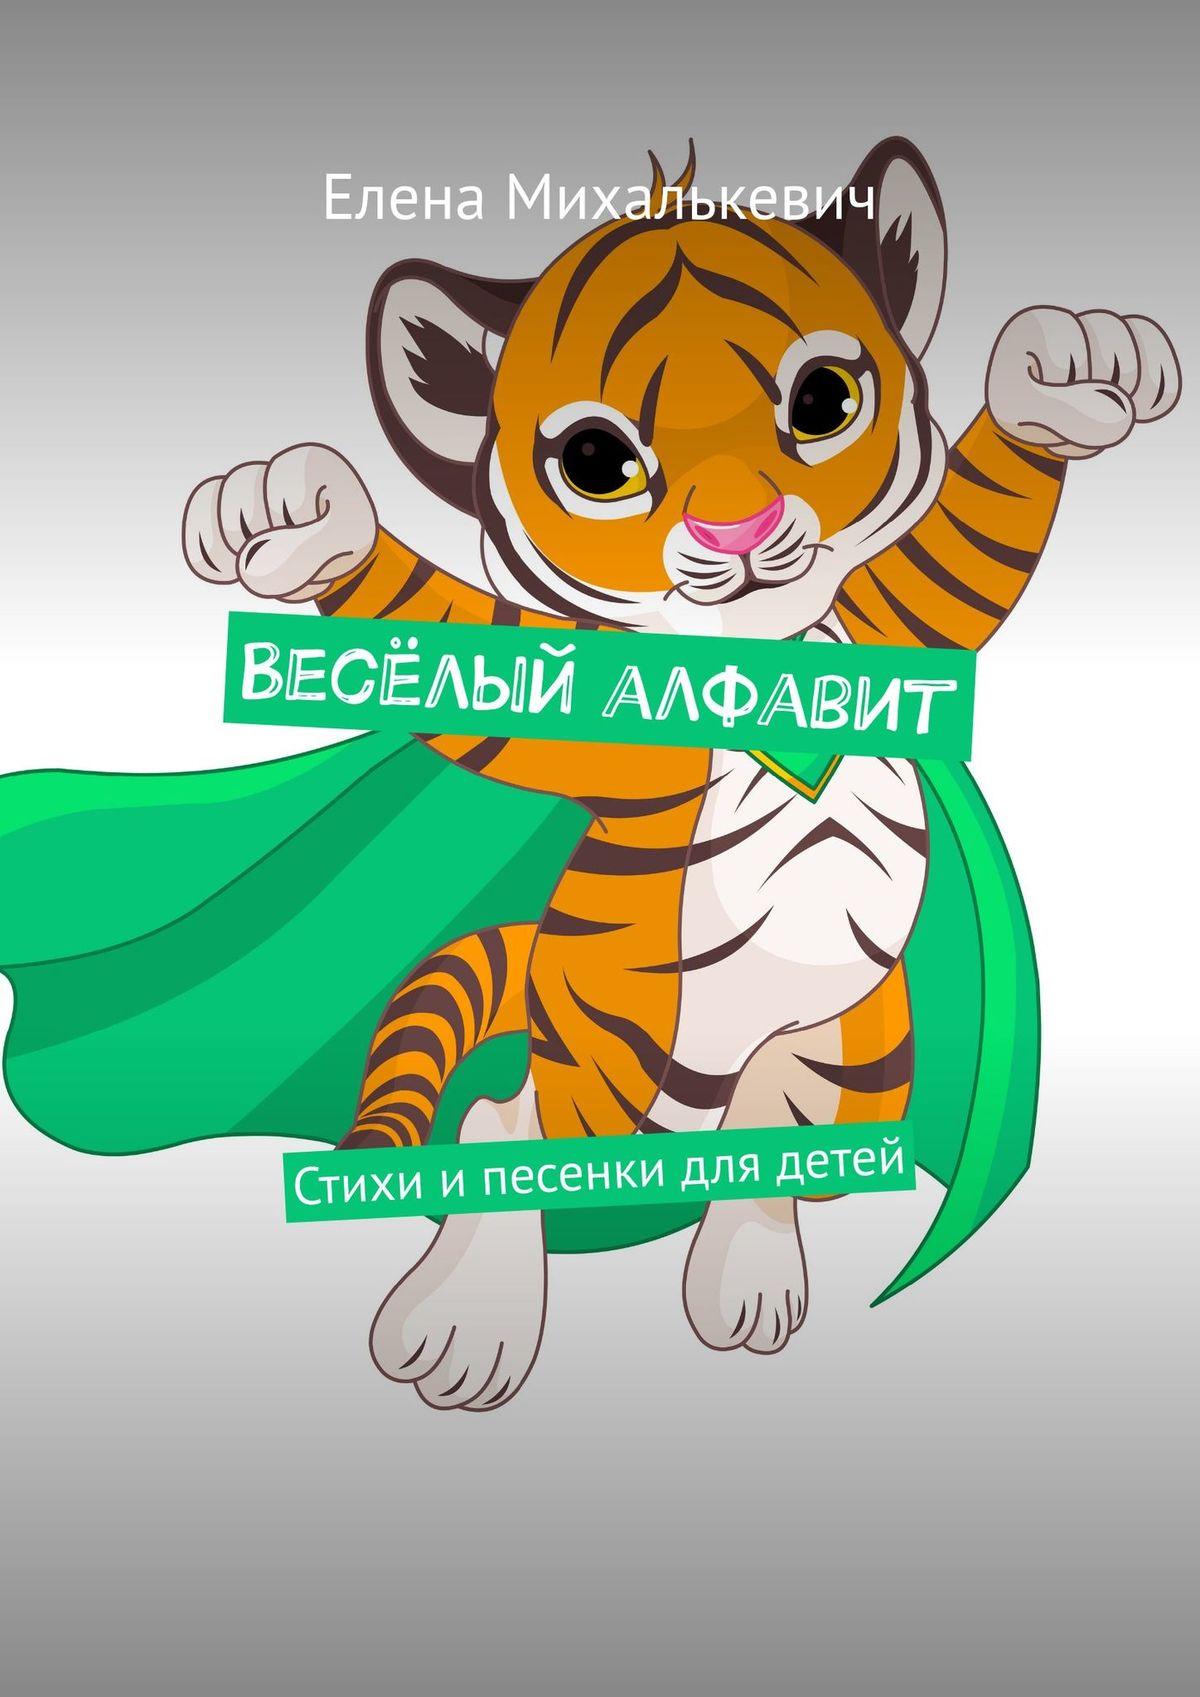 Елена Михалькевич Весёлый алфавит. Стихи ипесенки для детей елена фиштик песенки раскраски